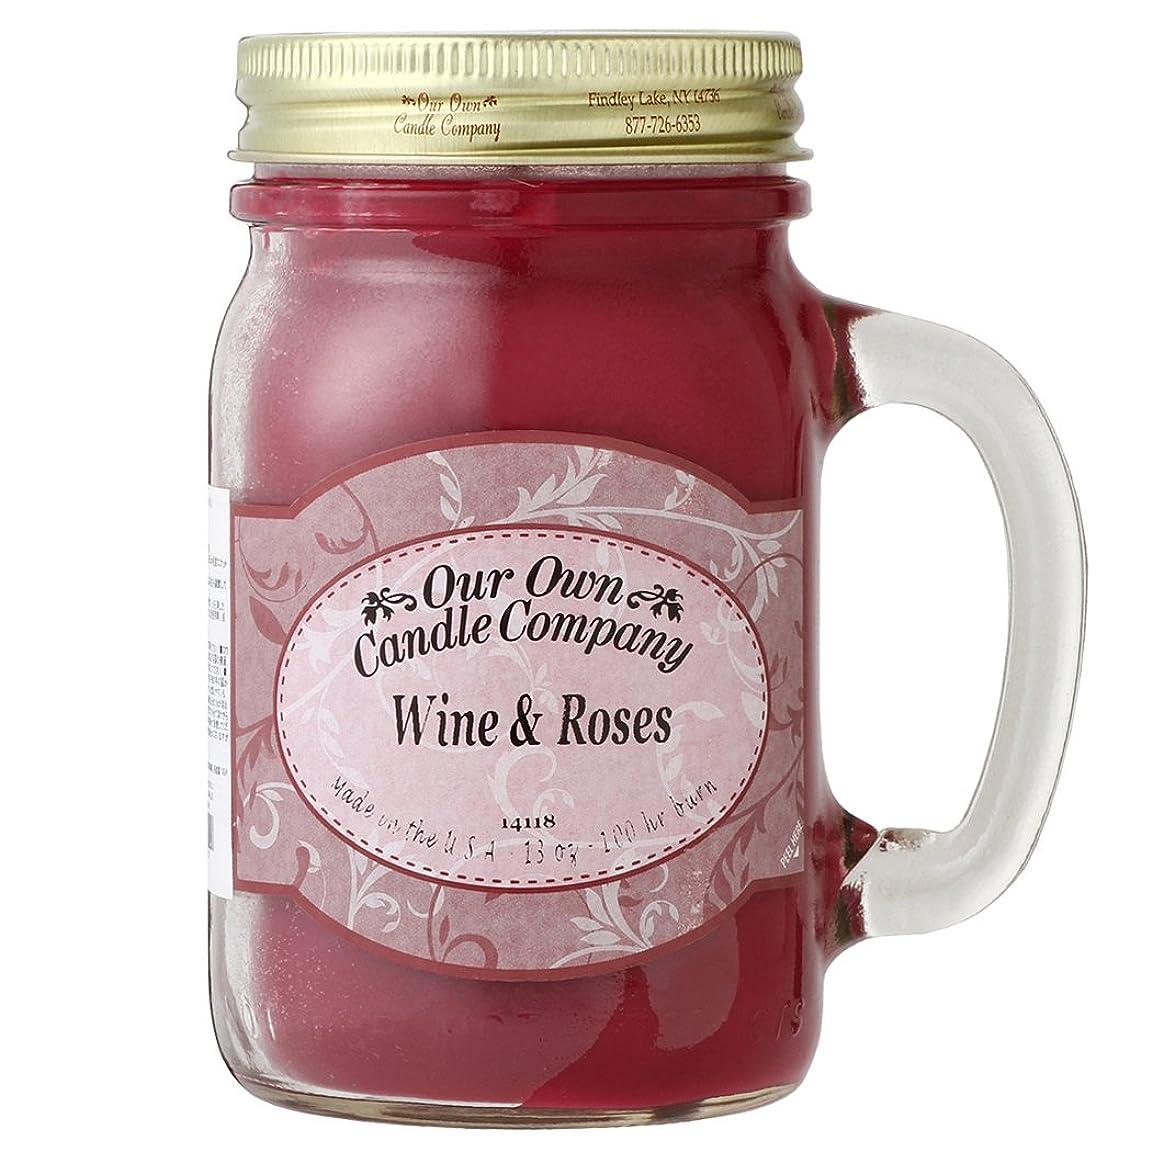 モッキンバード歯痛出席Our Own Candle Company メイソンジャーキャンドル ラージサイズ ワイン&ローズ OU100129